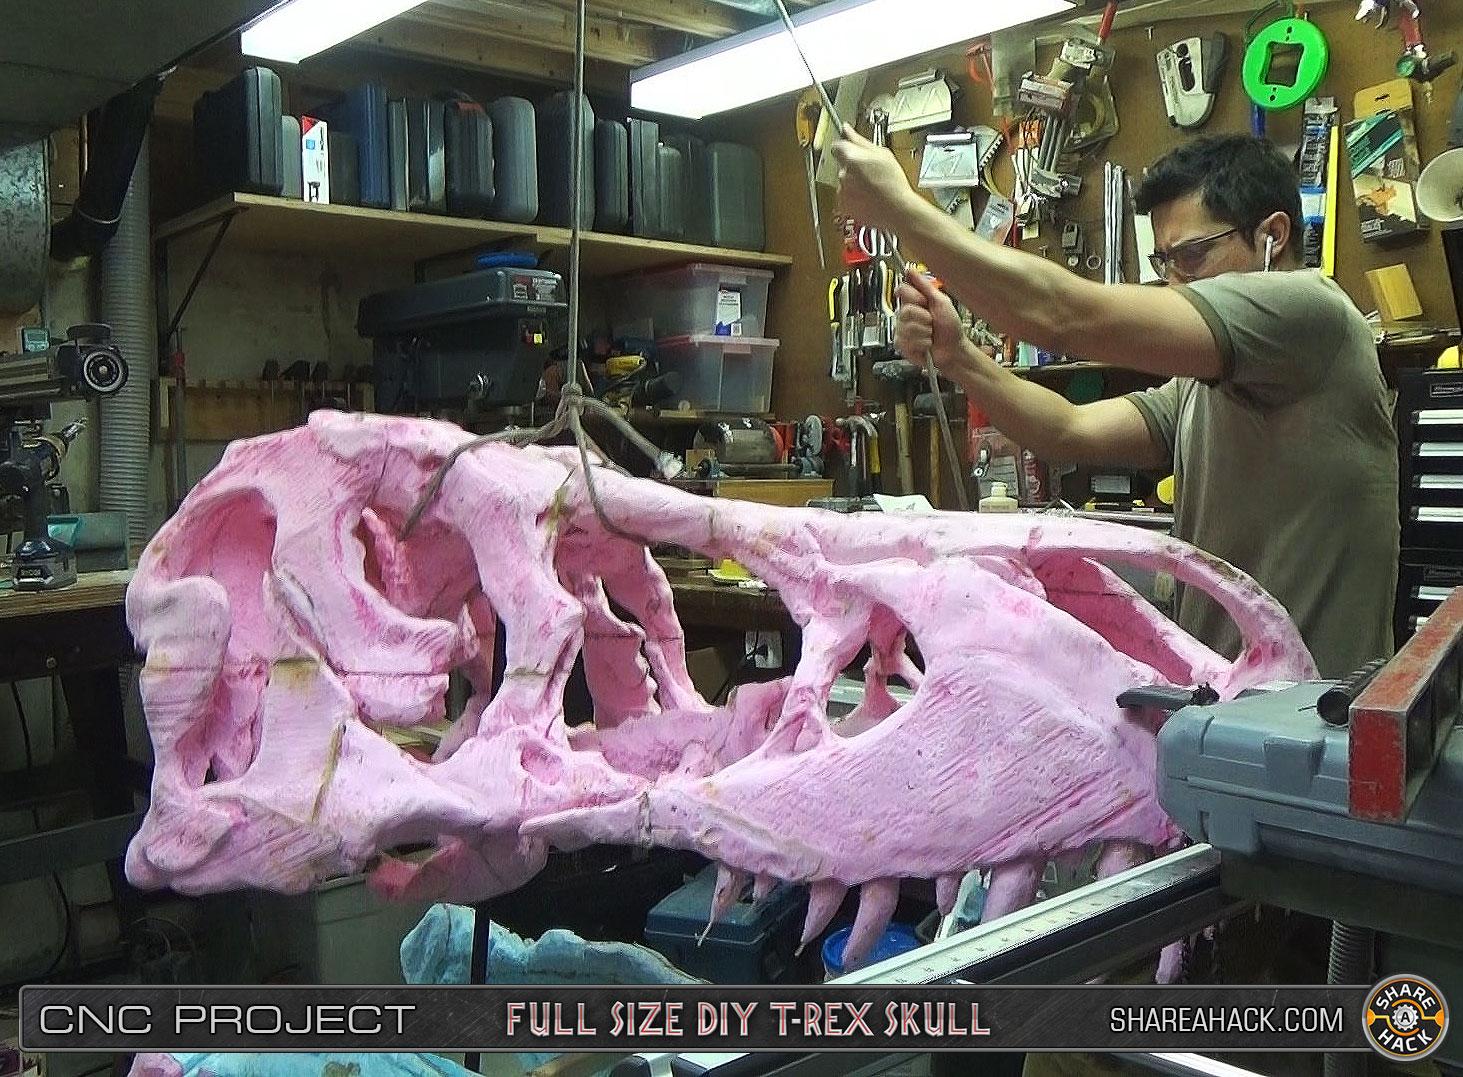 shareahack_diy-trex-skull-cnc-foam_3dmodel_23.jpg